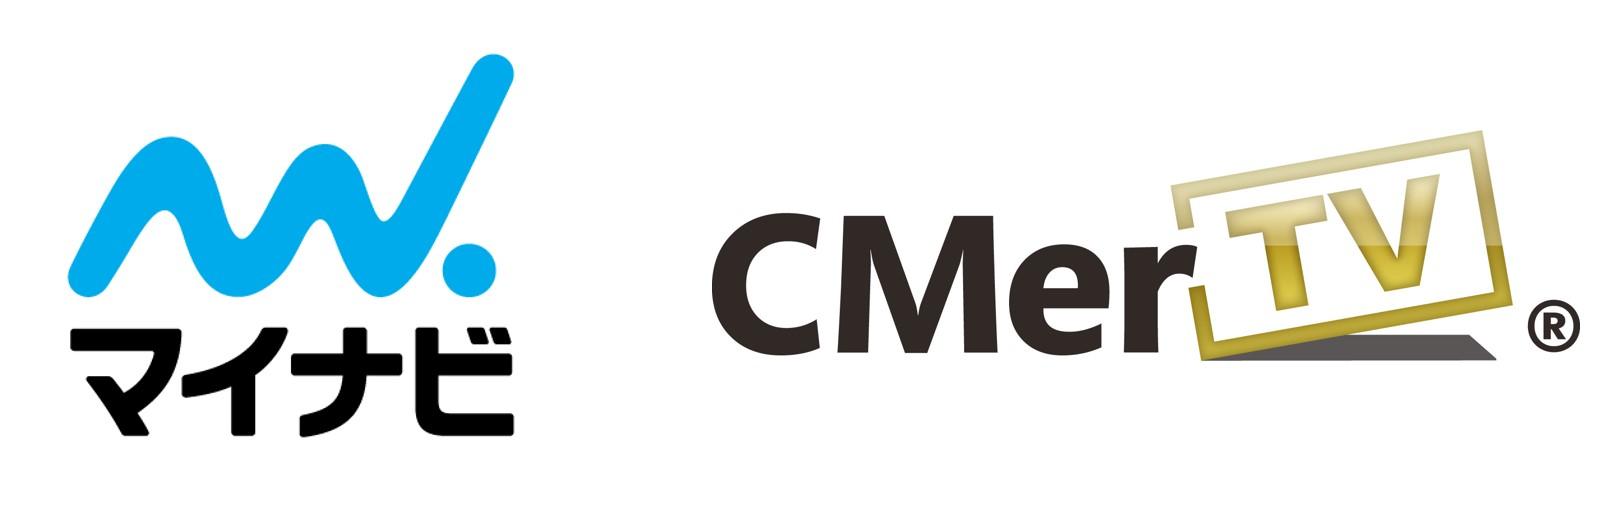 マイナビ、動画CM広告配信プラットフォーム事業を展開する株式会社CMerTVへ出資